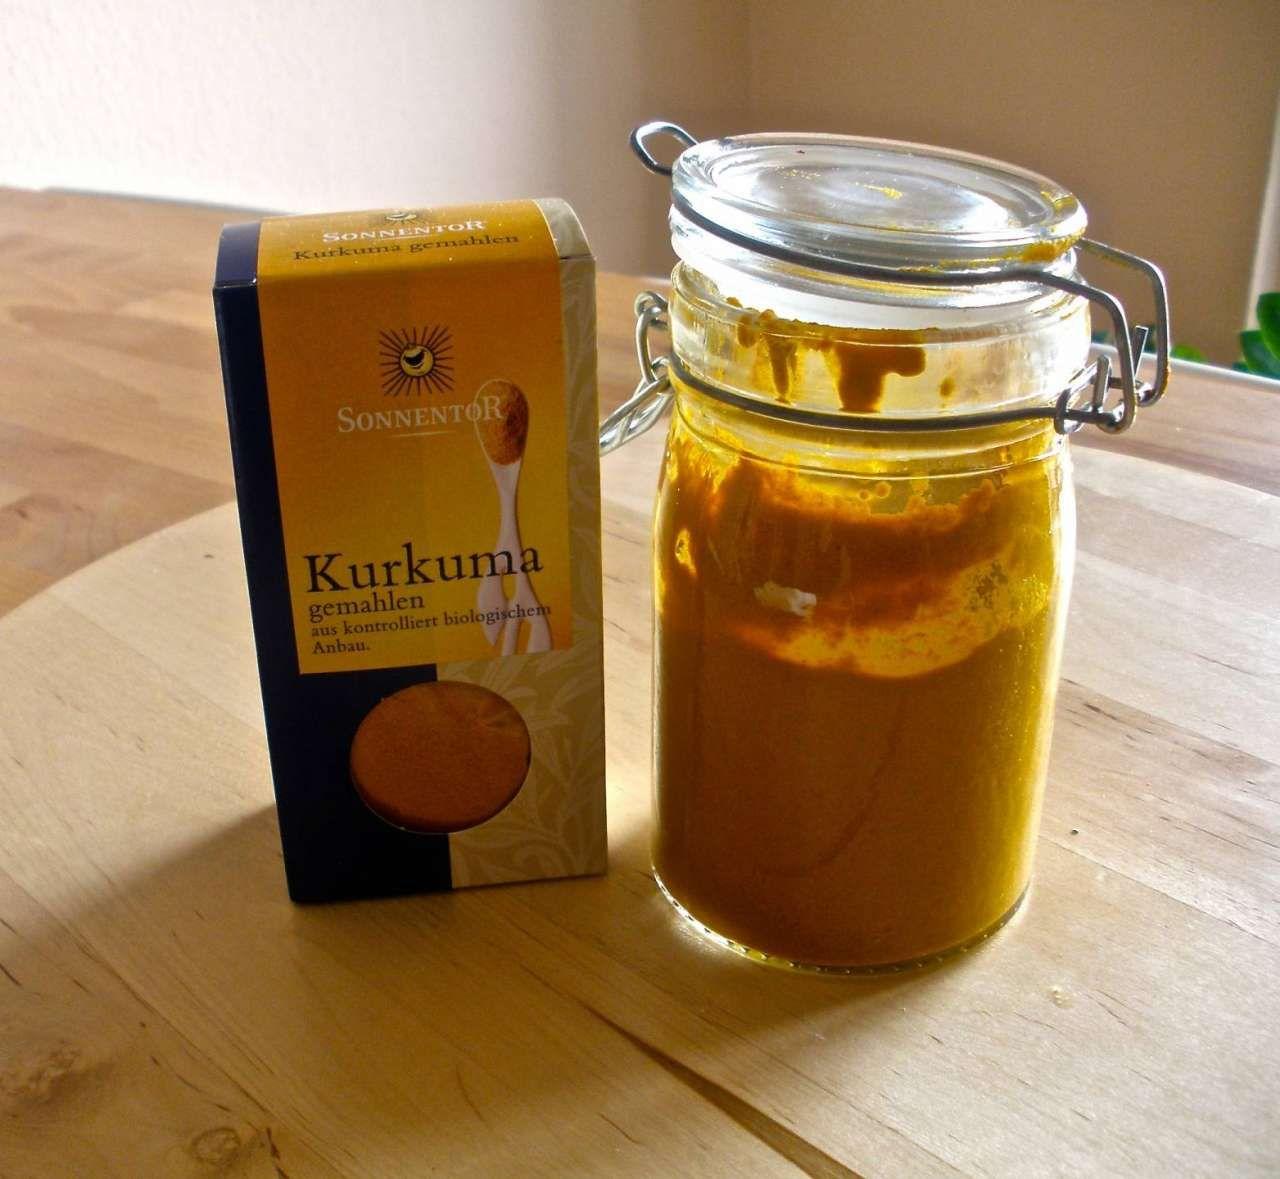 Krautergarten Magazin Kurkuma Curcumin Krautergarten Magazin Kurkuma Kurkuma Gesundheit Gesundheit